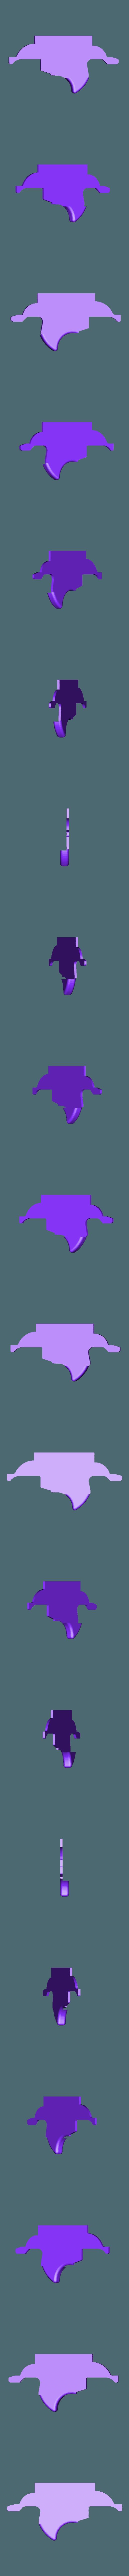 inverseur.stl Télécharger fichier STL gratuit Shark knife • Design imprimable en 3D, rfbat